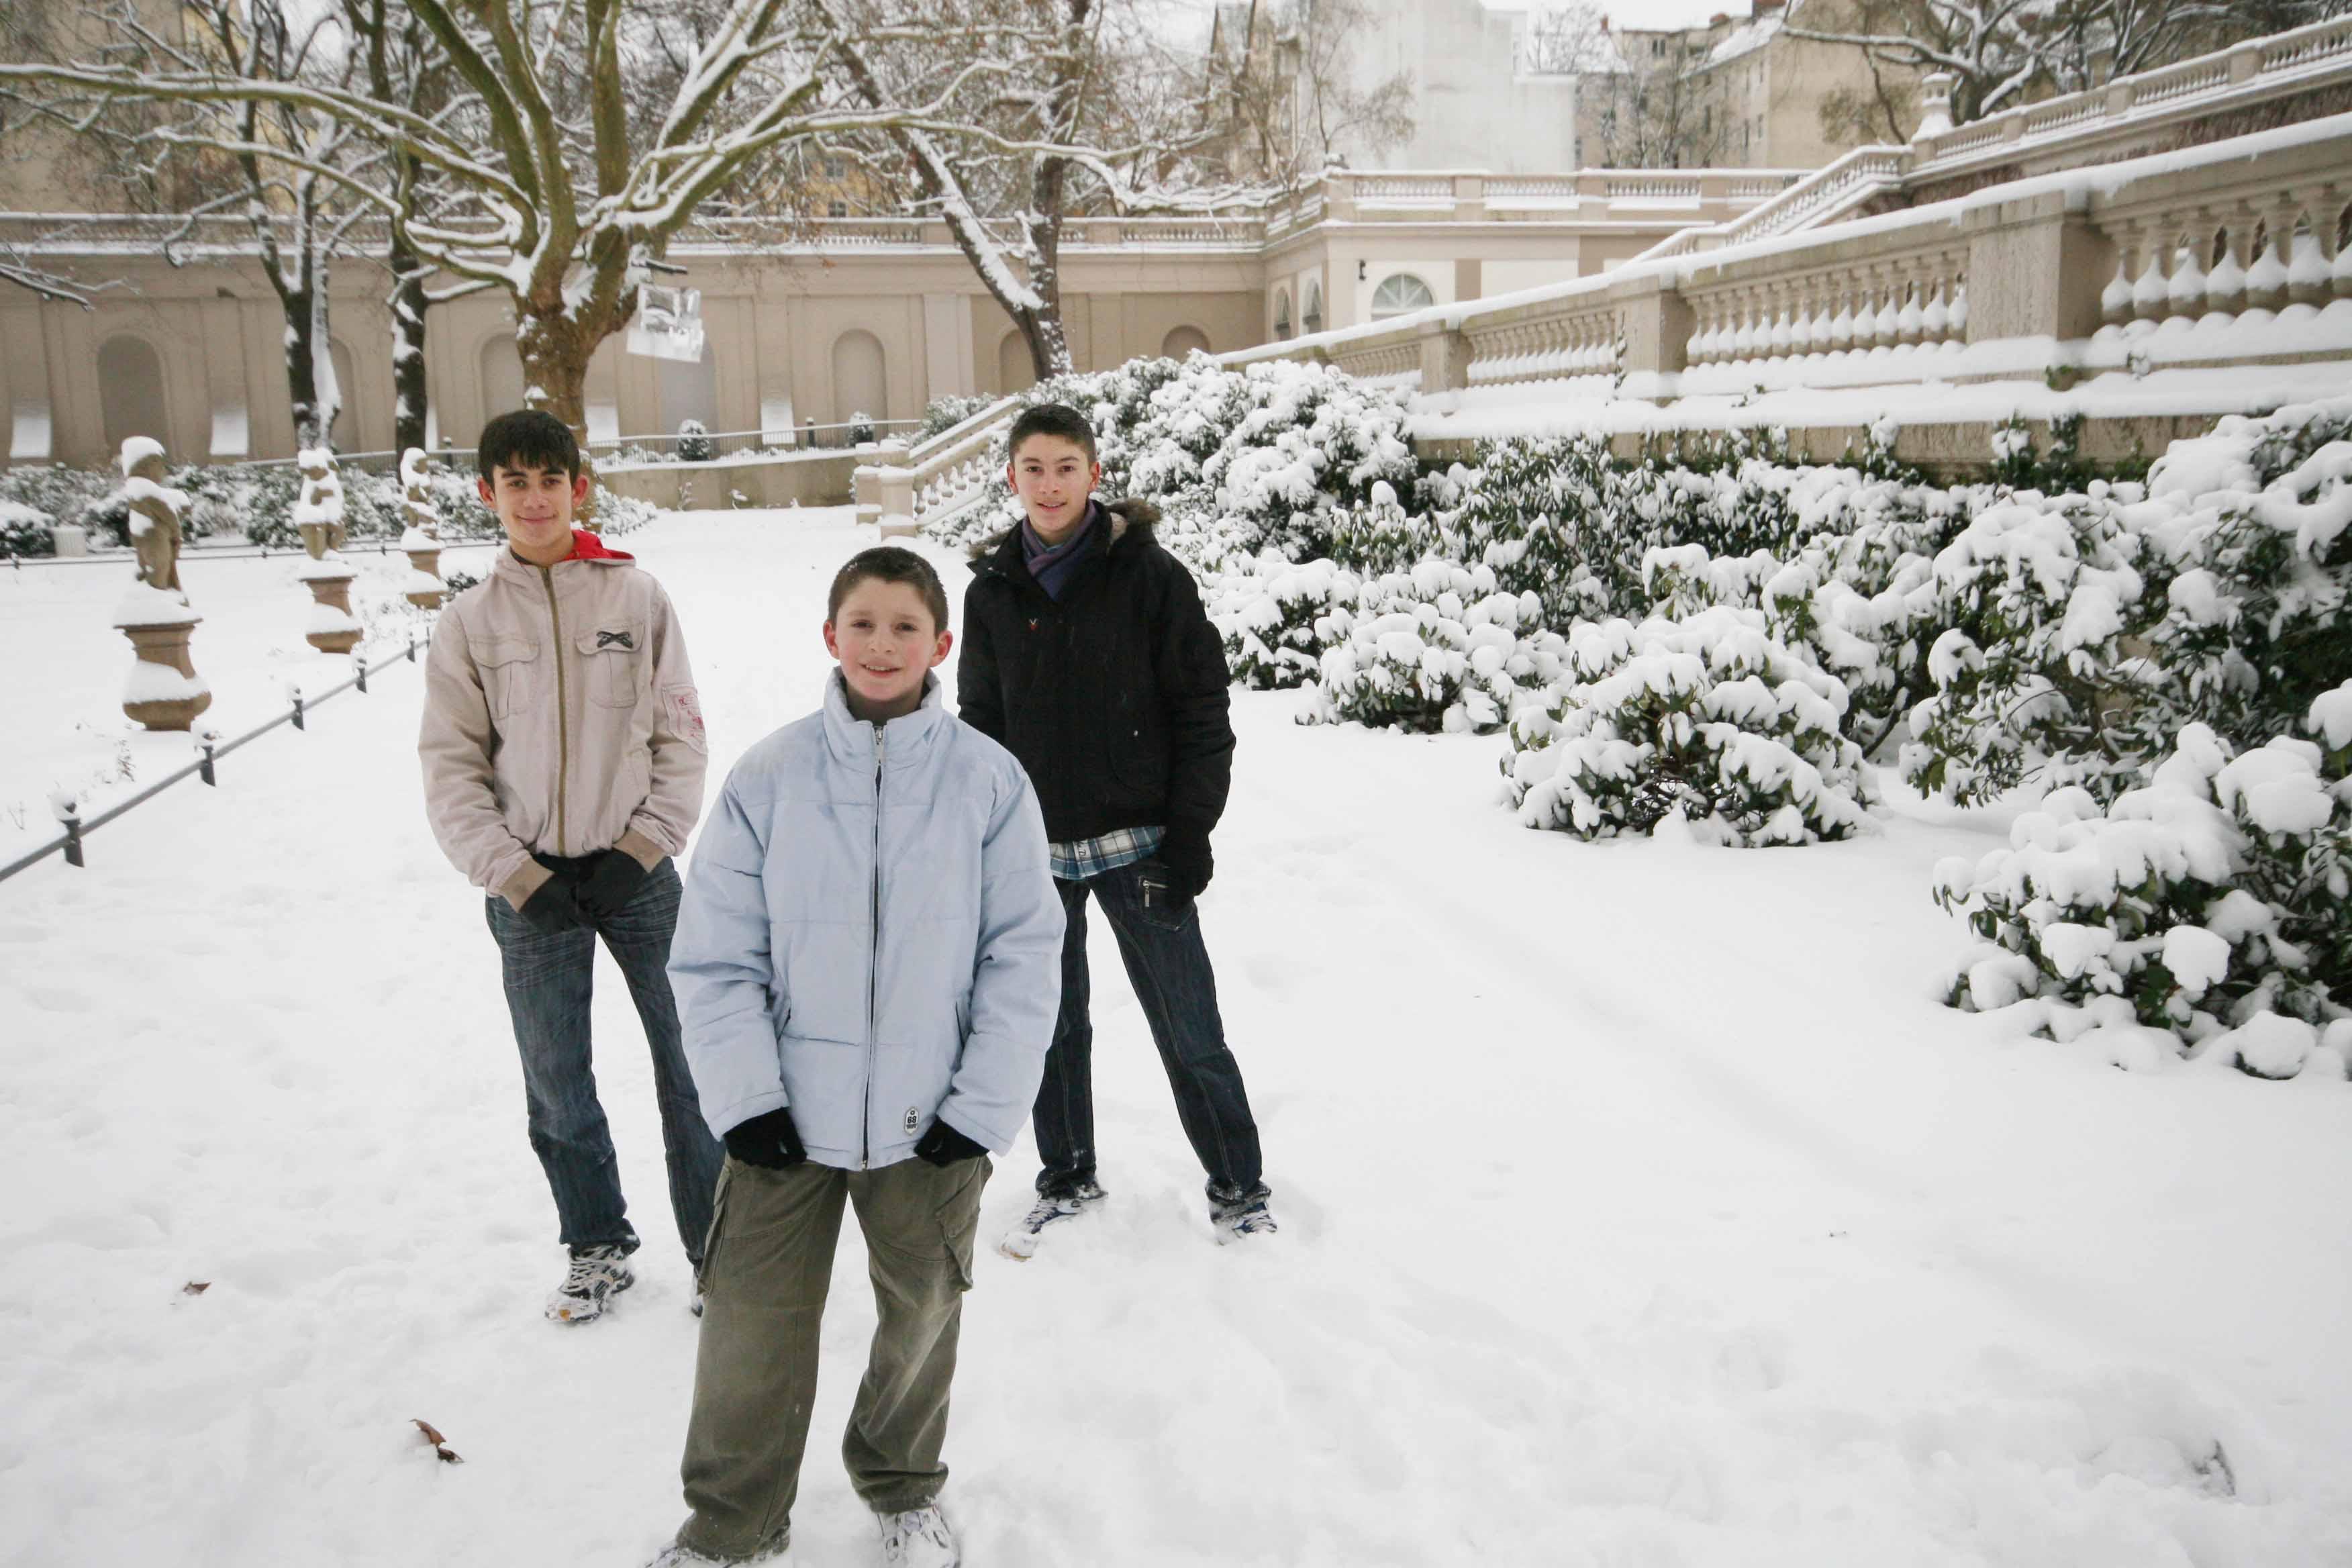 Boys at Körnerpark - by SL Wong